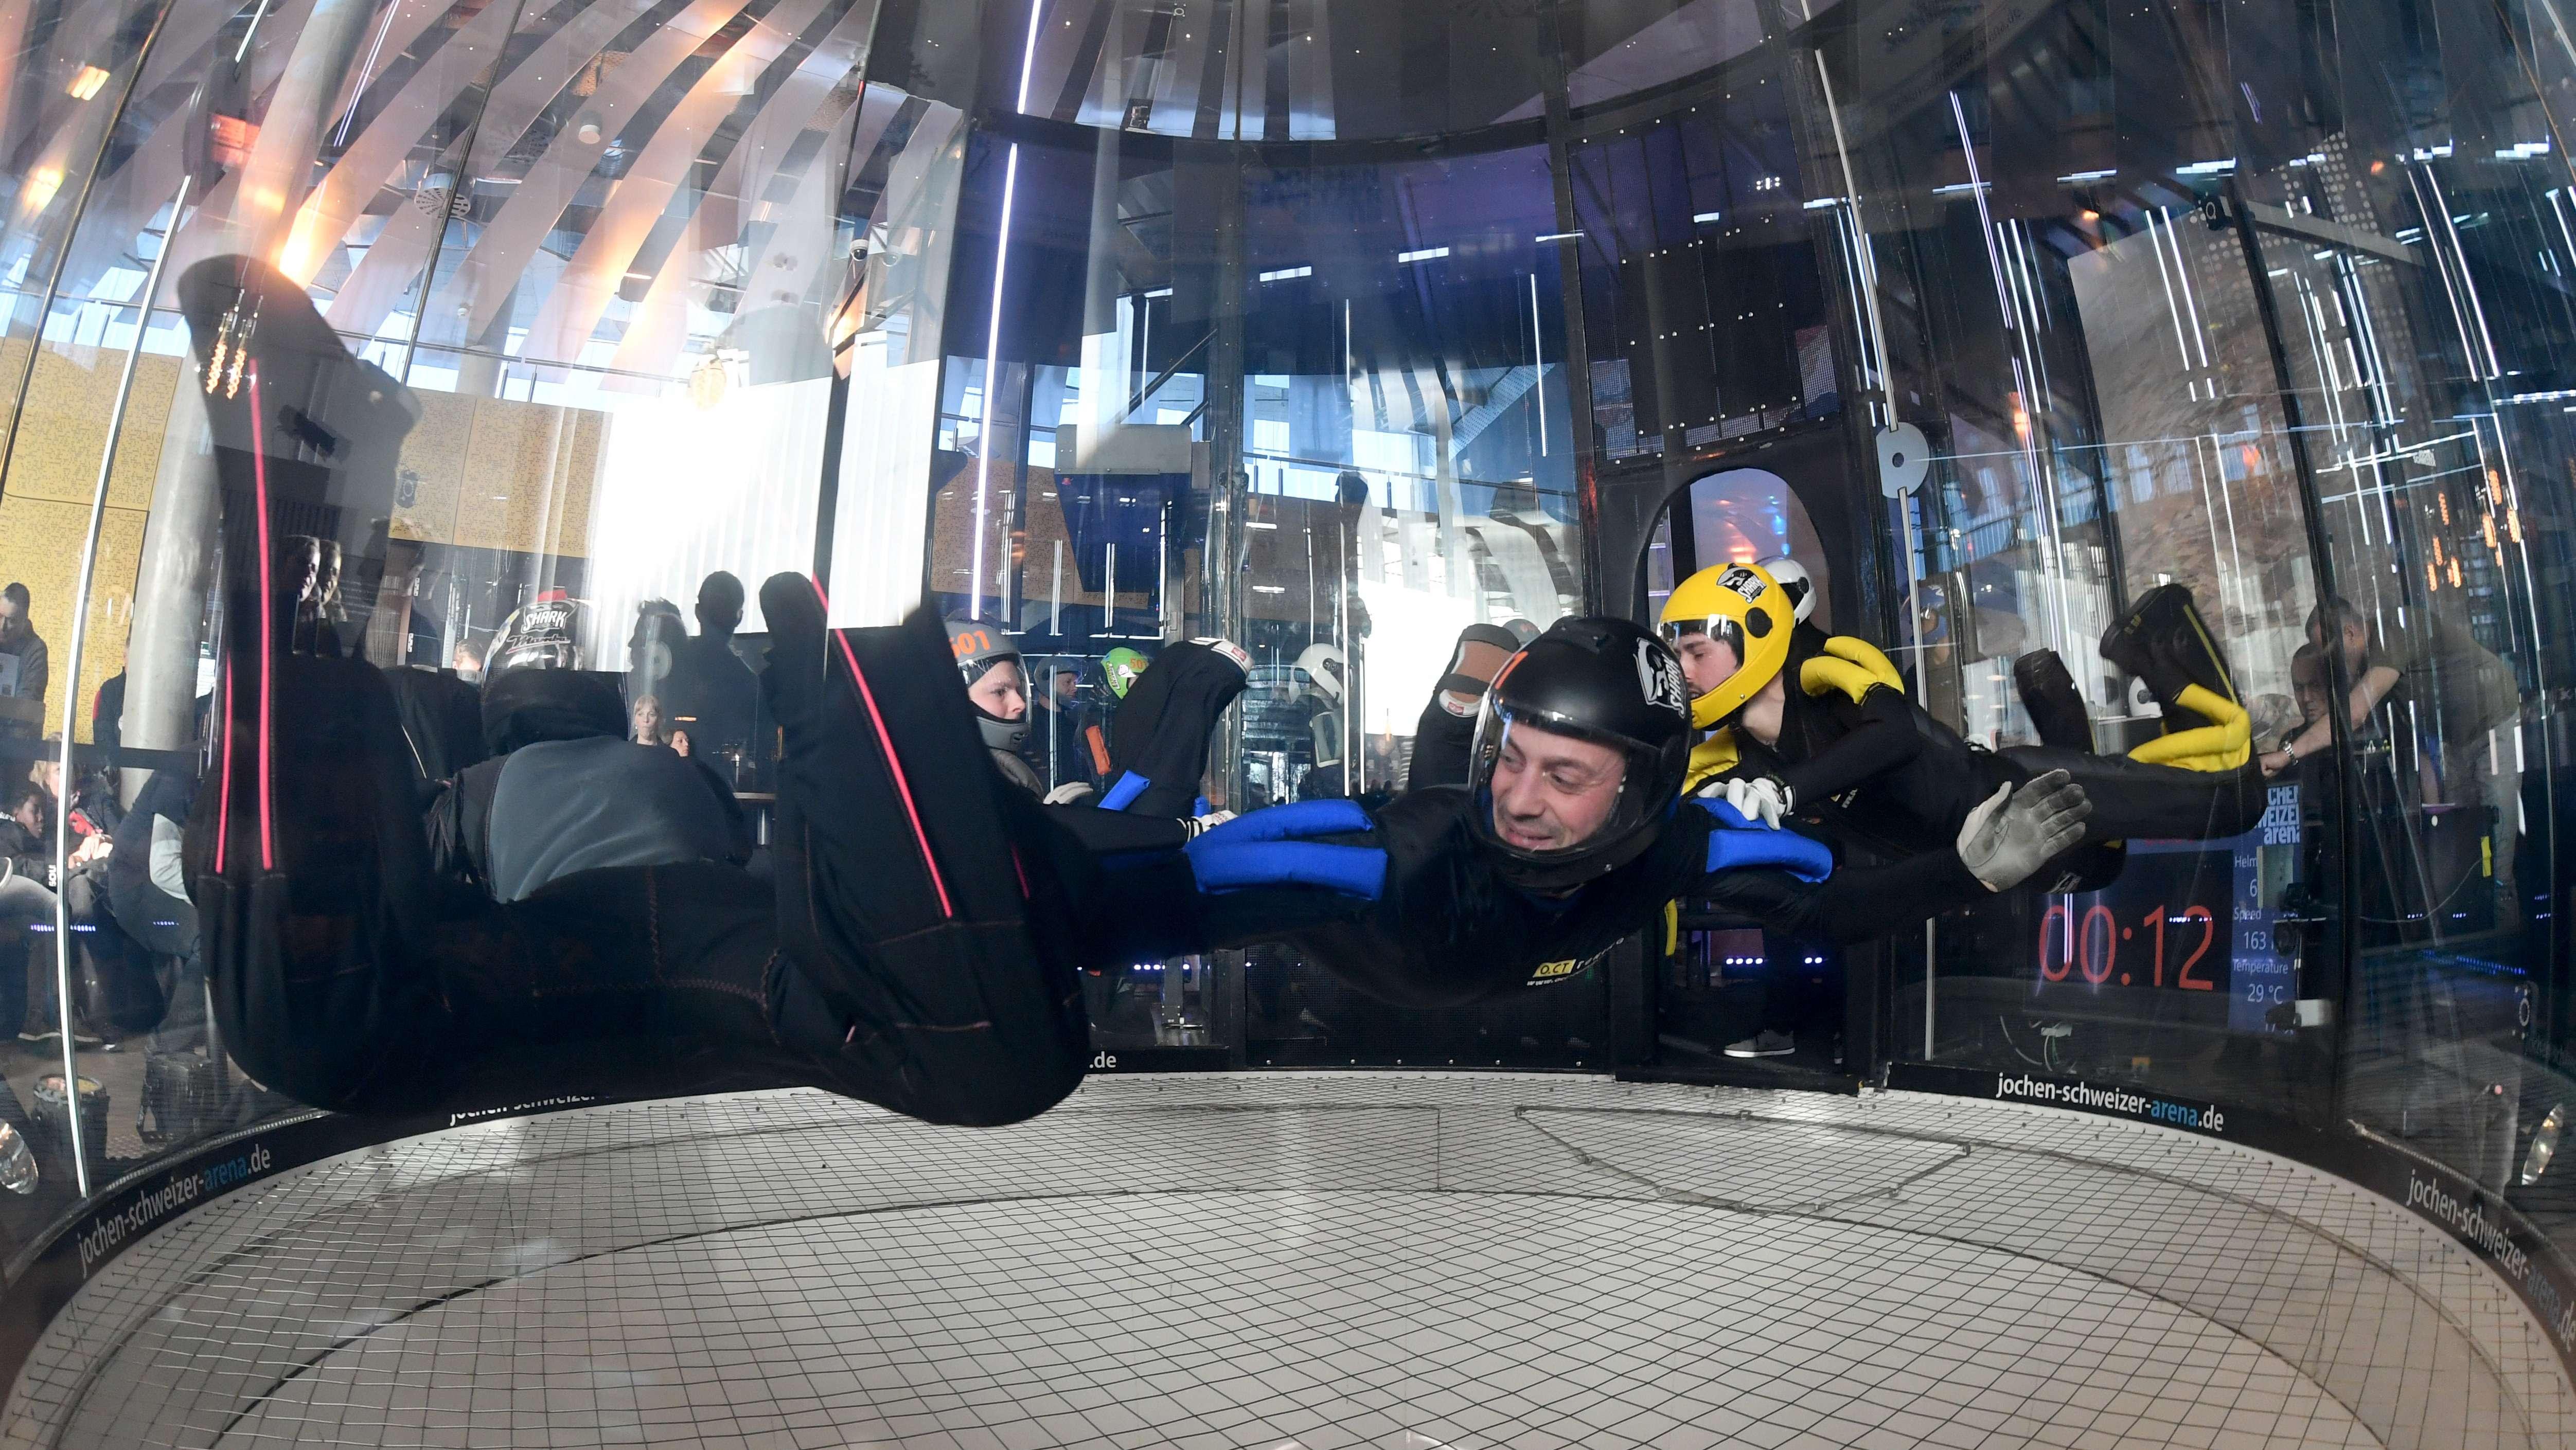 Teilnehmer der Deutschen Meisterschaften im Indoor Skydiving